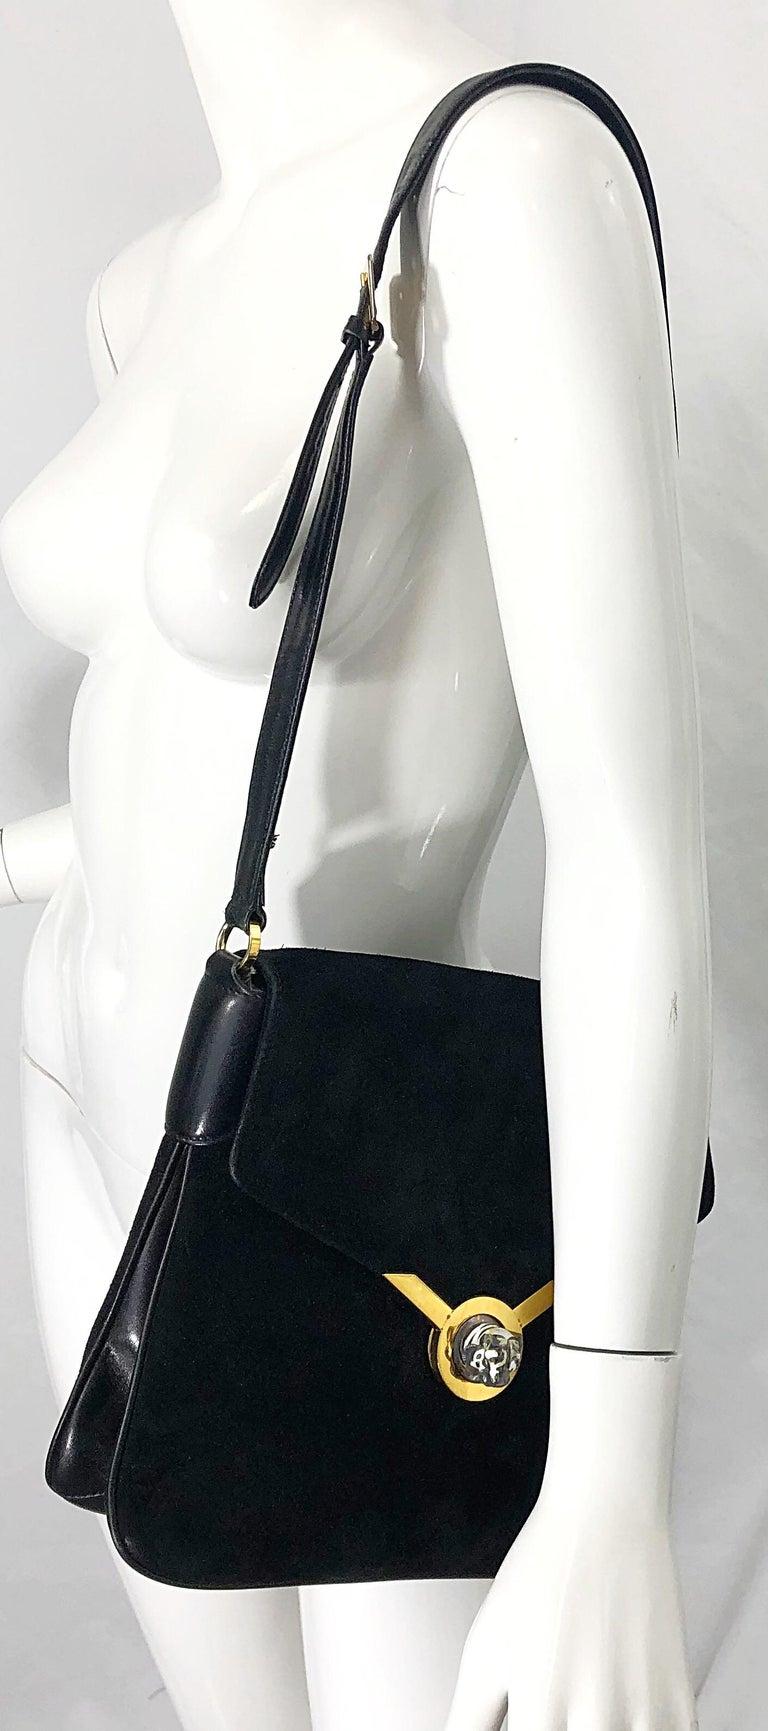 1970s Gucci Black Suede Tiger Clasp Large Vintage 70s Handbag Purse Shoudler Bag For Sale 6